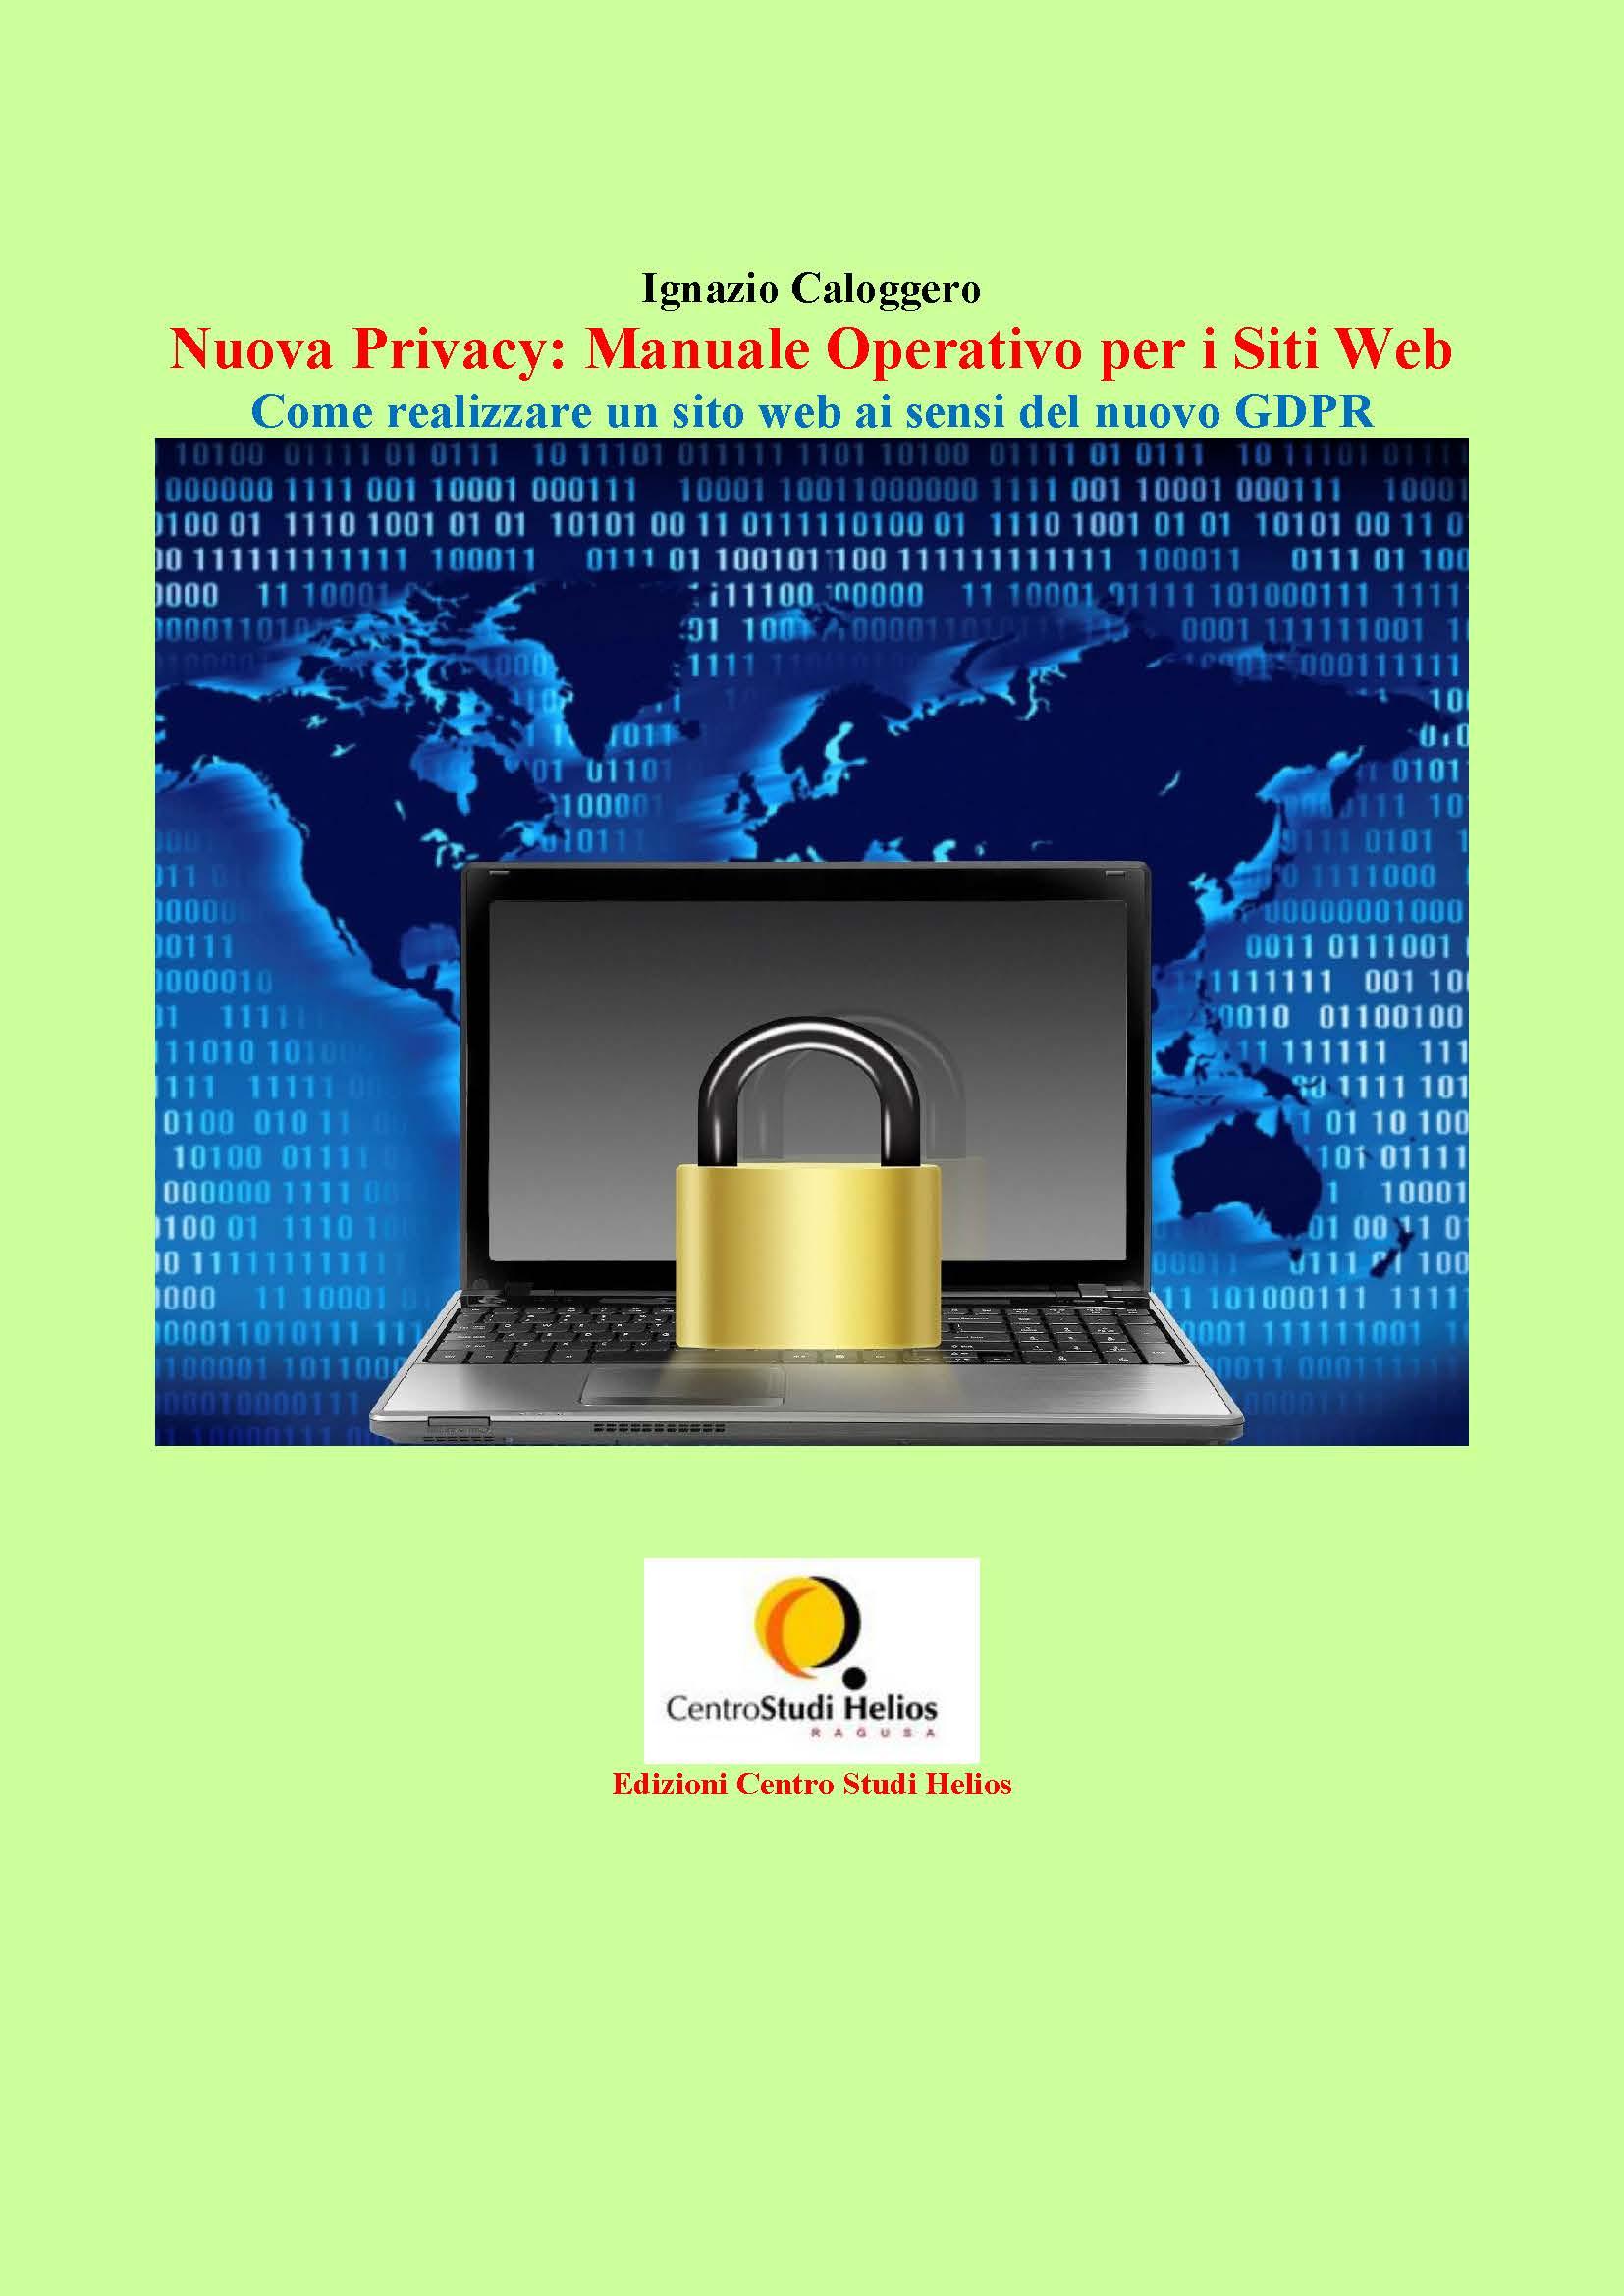 PRIVACY: SITI WEB